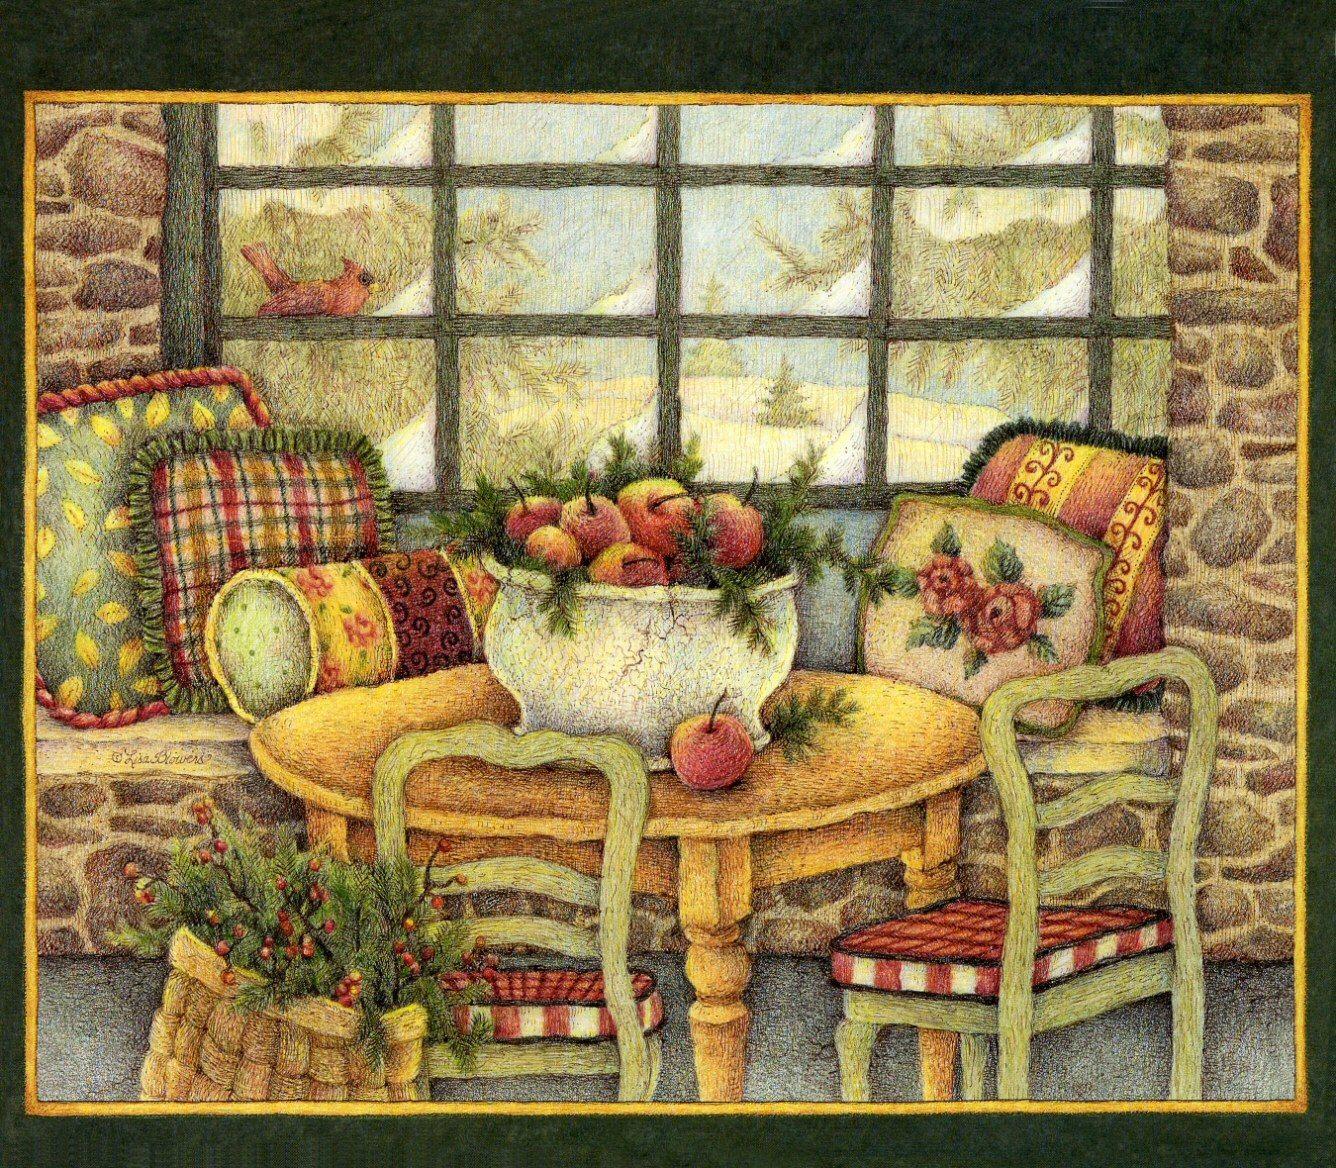 cocina de la granja fondo de pantalla   ForWallpapercom 1336x1168